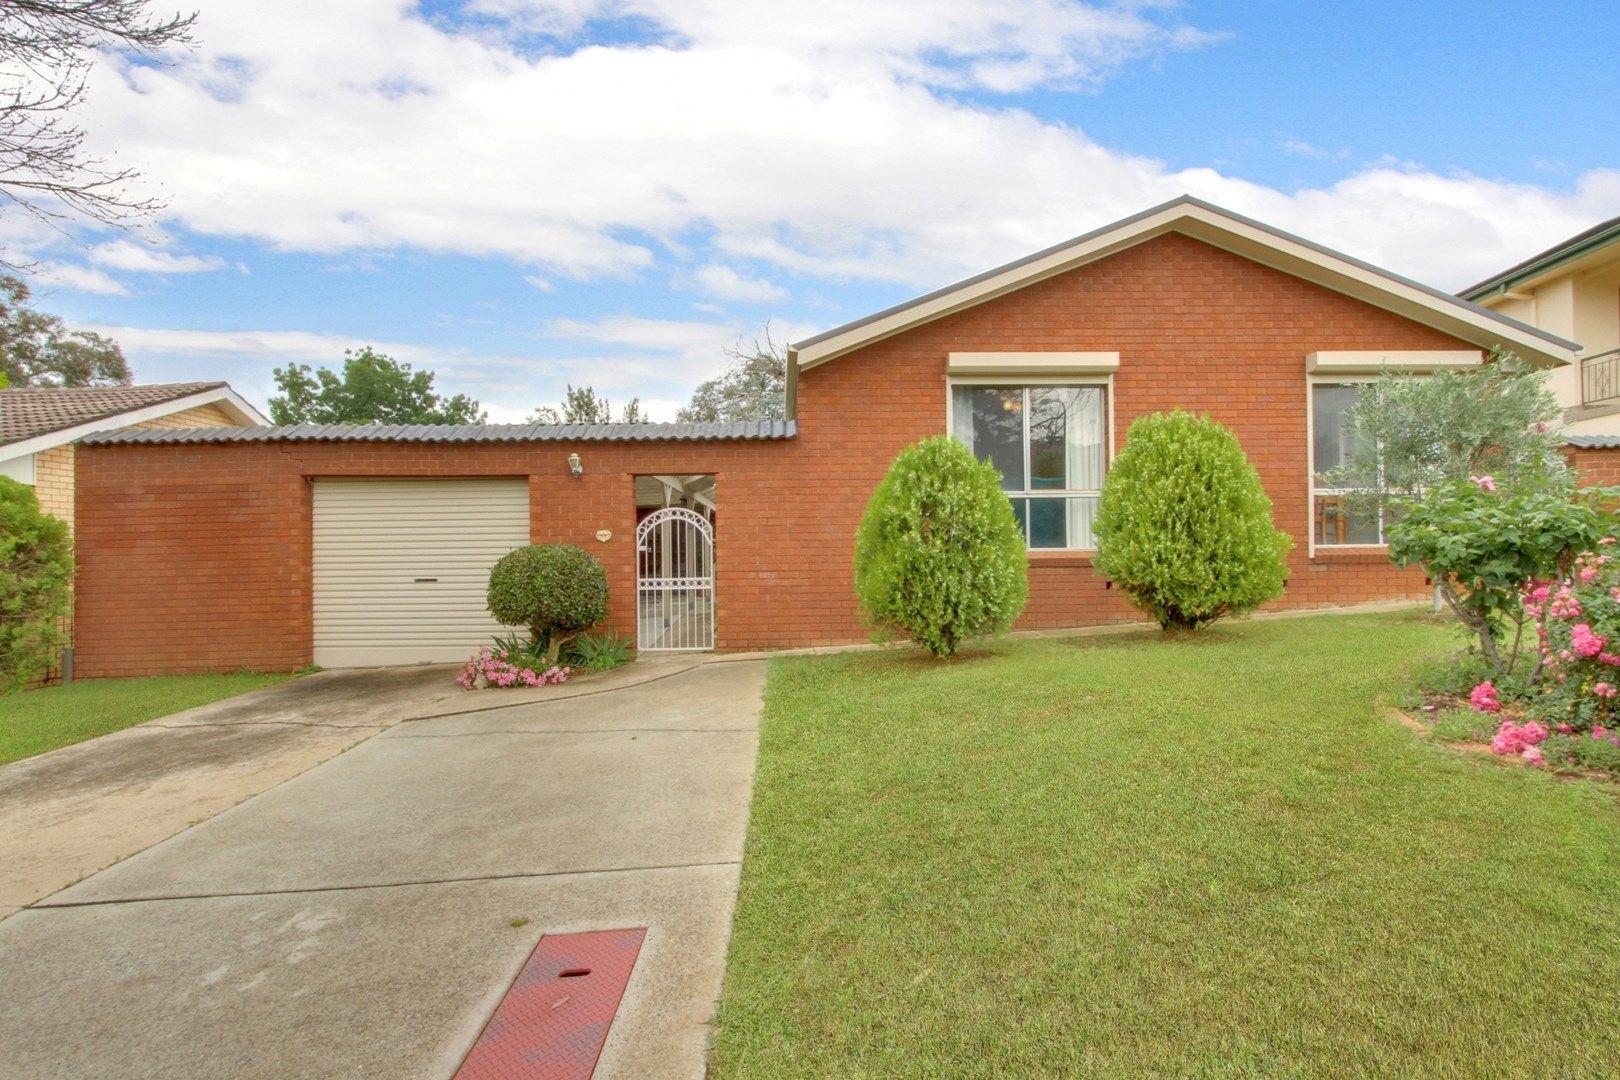 24 Naylor Street, Queanbeyan NSW 2620, Image 0